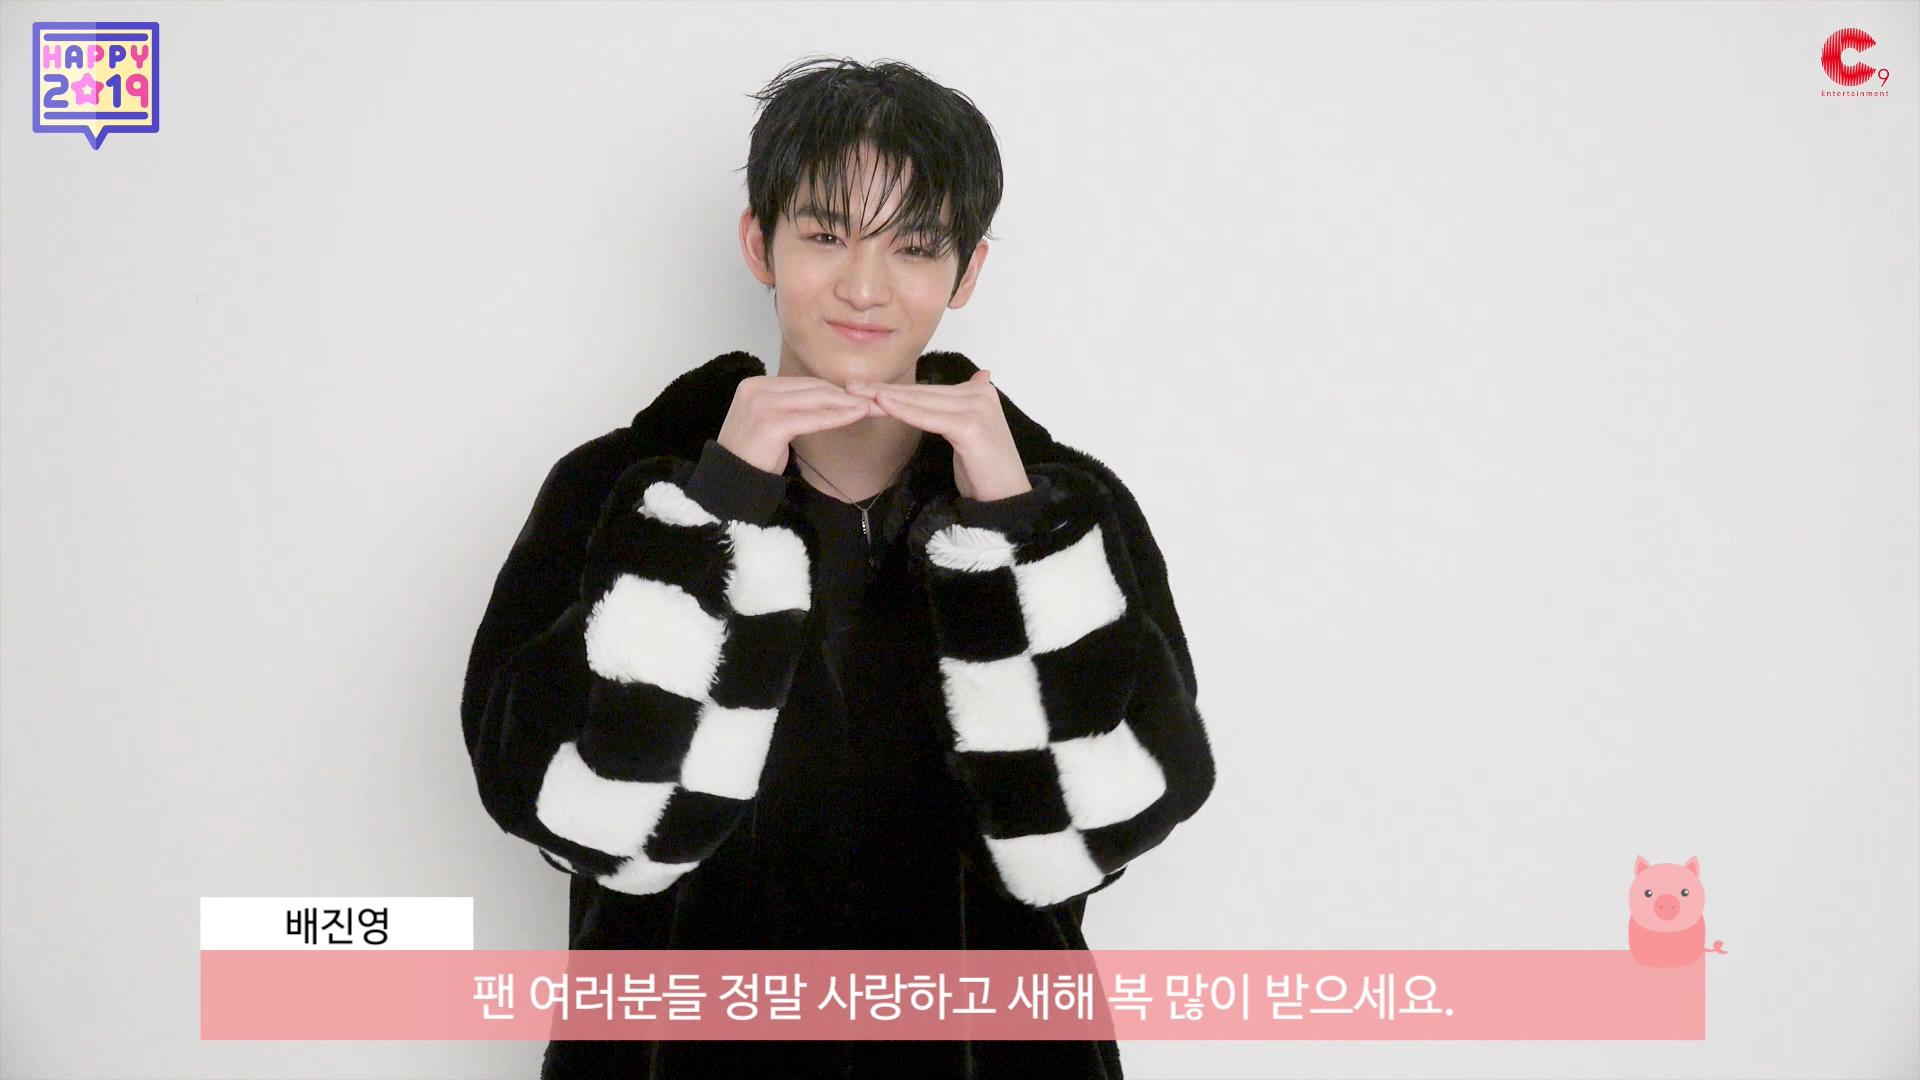 배진영(BAEJINYOUNG)의 2019년 설 인사 영상